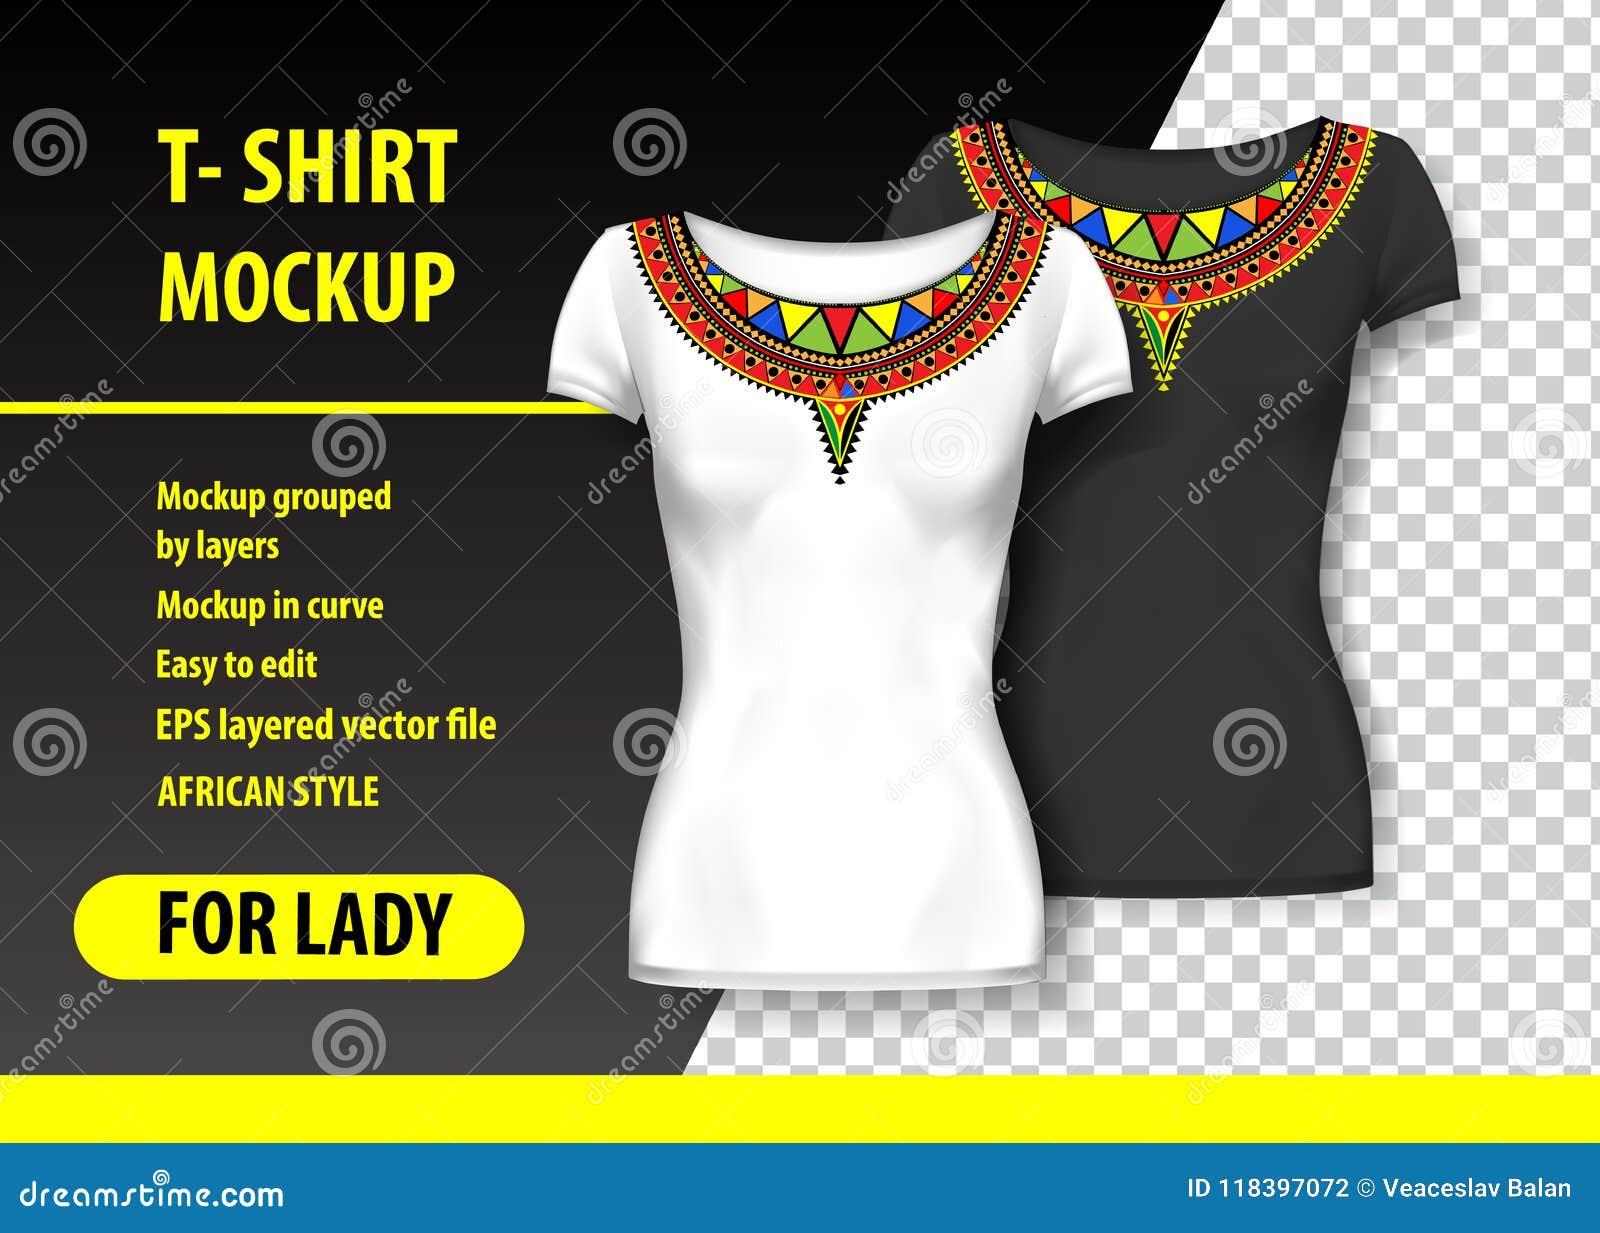 Πρότυπο μπλουζών με τις αφρικανικές διακοσμήσεις σε δύο χρώματα Που βάζουν σε στρώσεις πρότυπο και editable